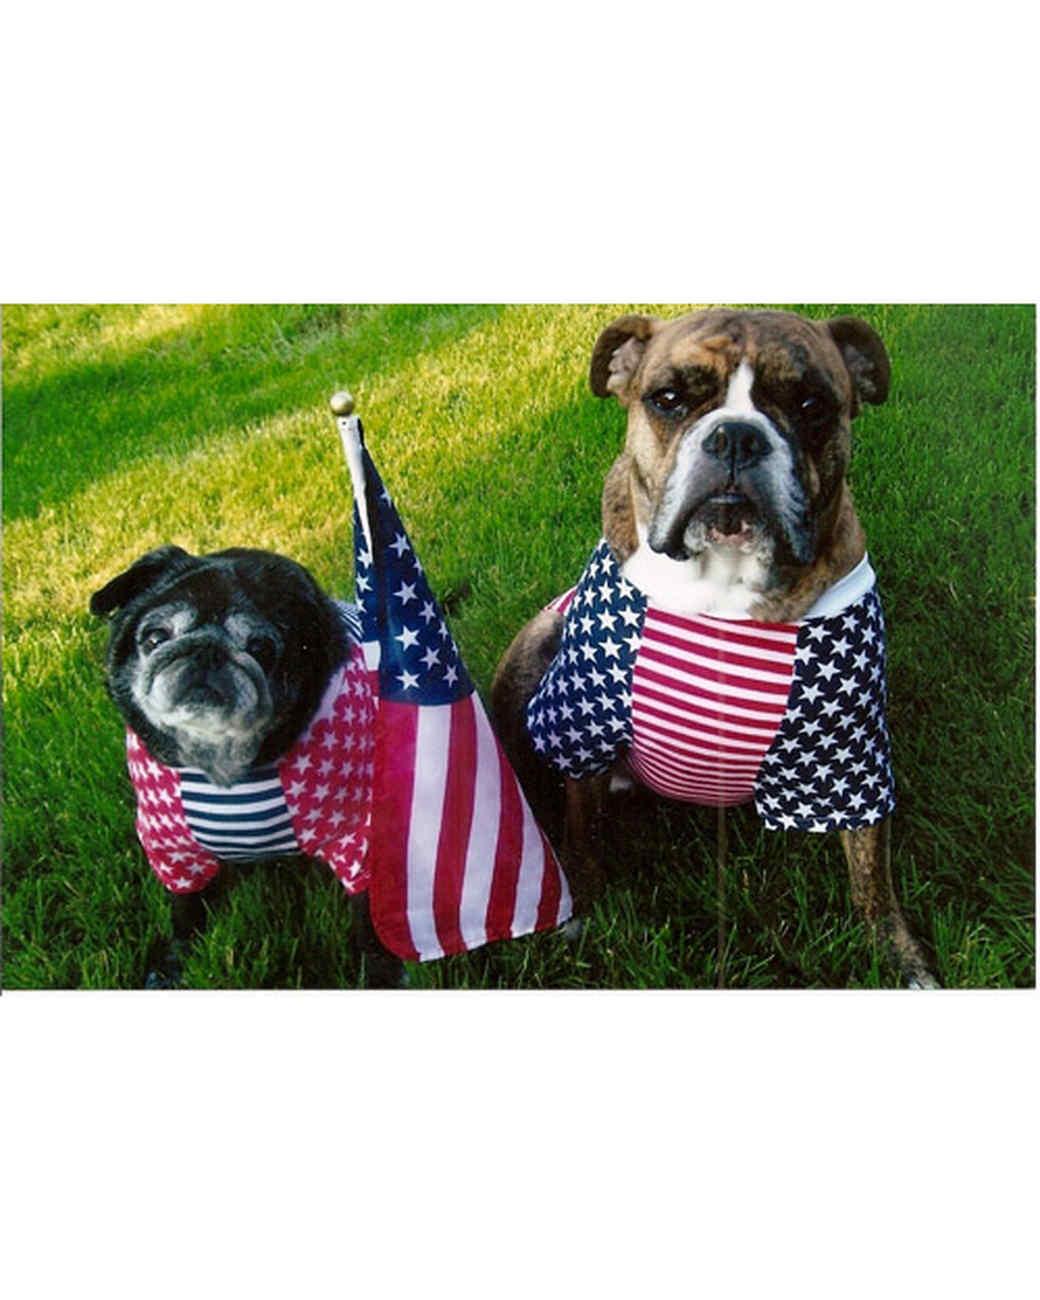 p_patriotic_10_9471745_13516036.jpg